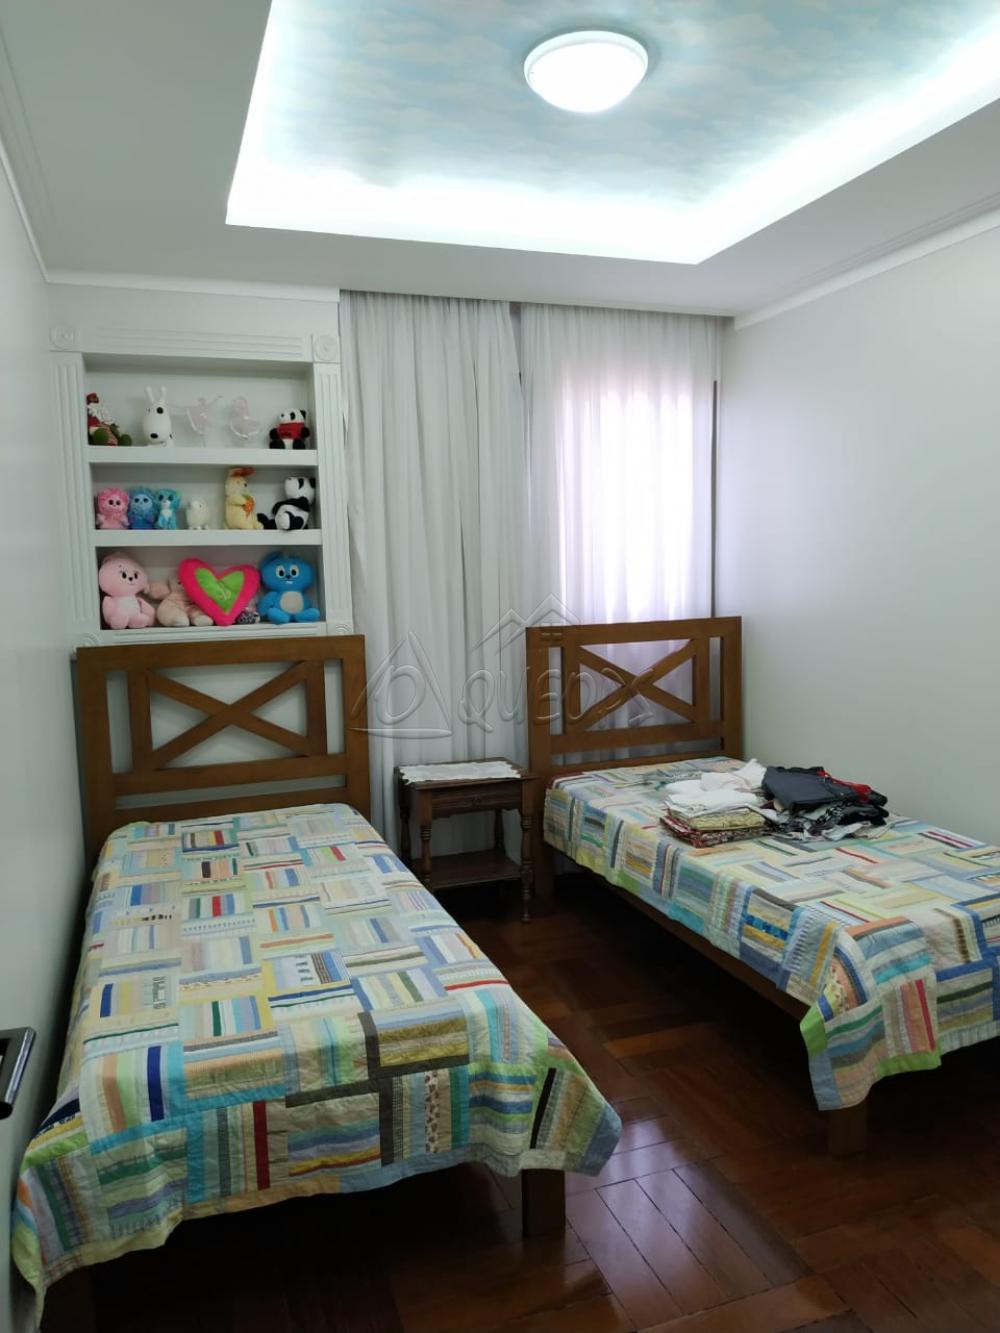 Comprar Apartamento / Padrão em Barretos apenas R$ 1.200.000,00 - Foto 14